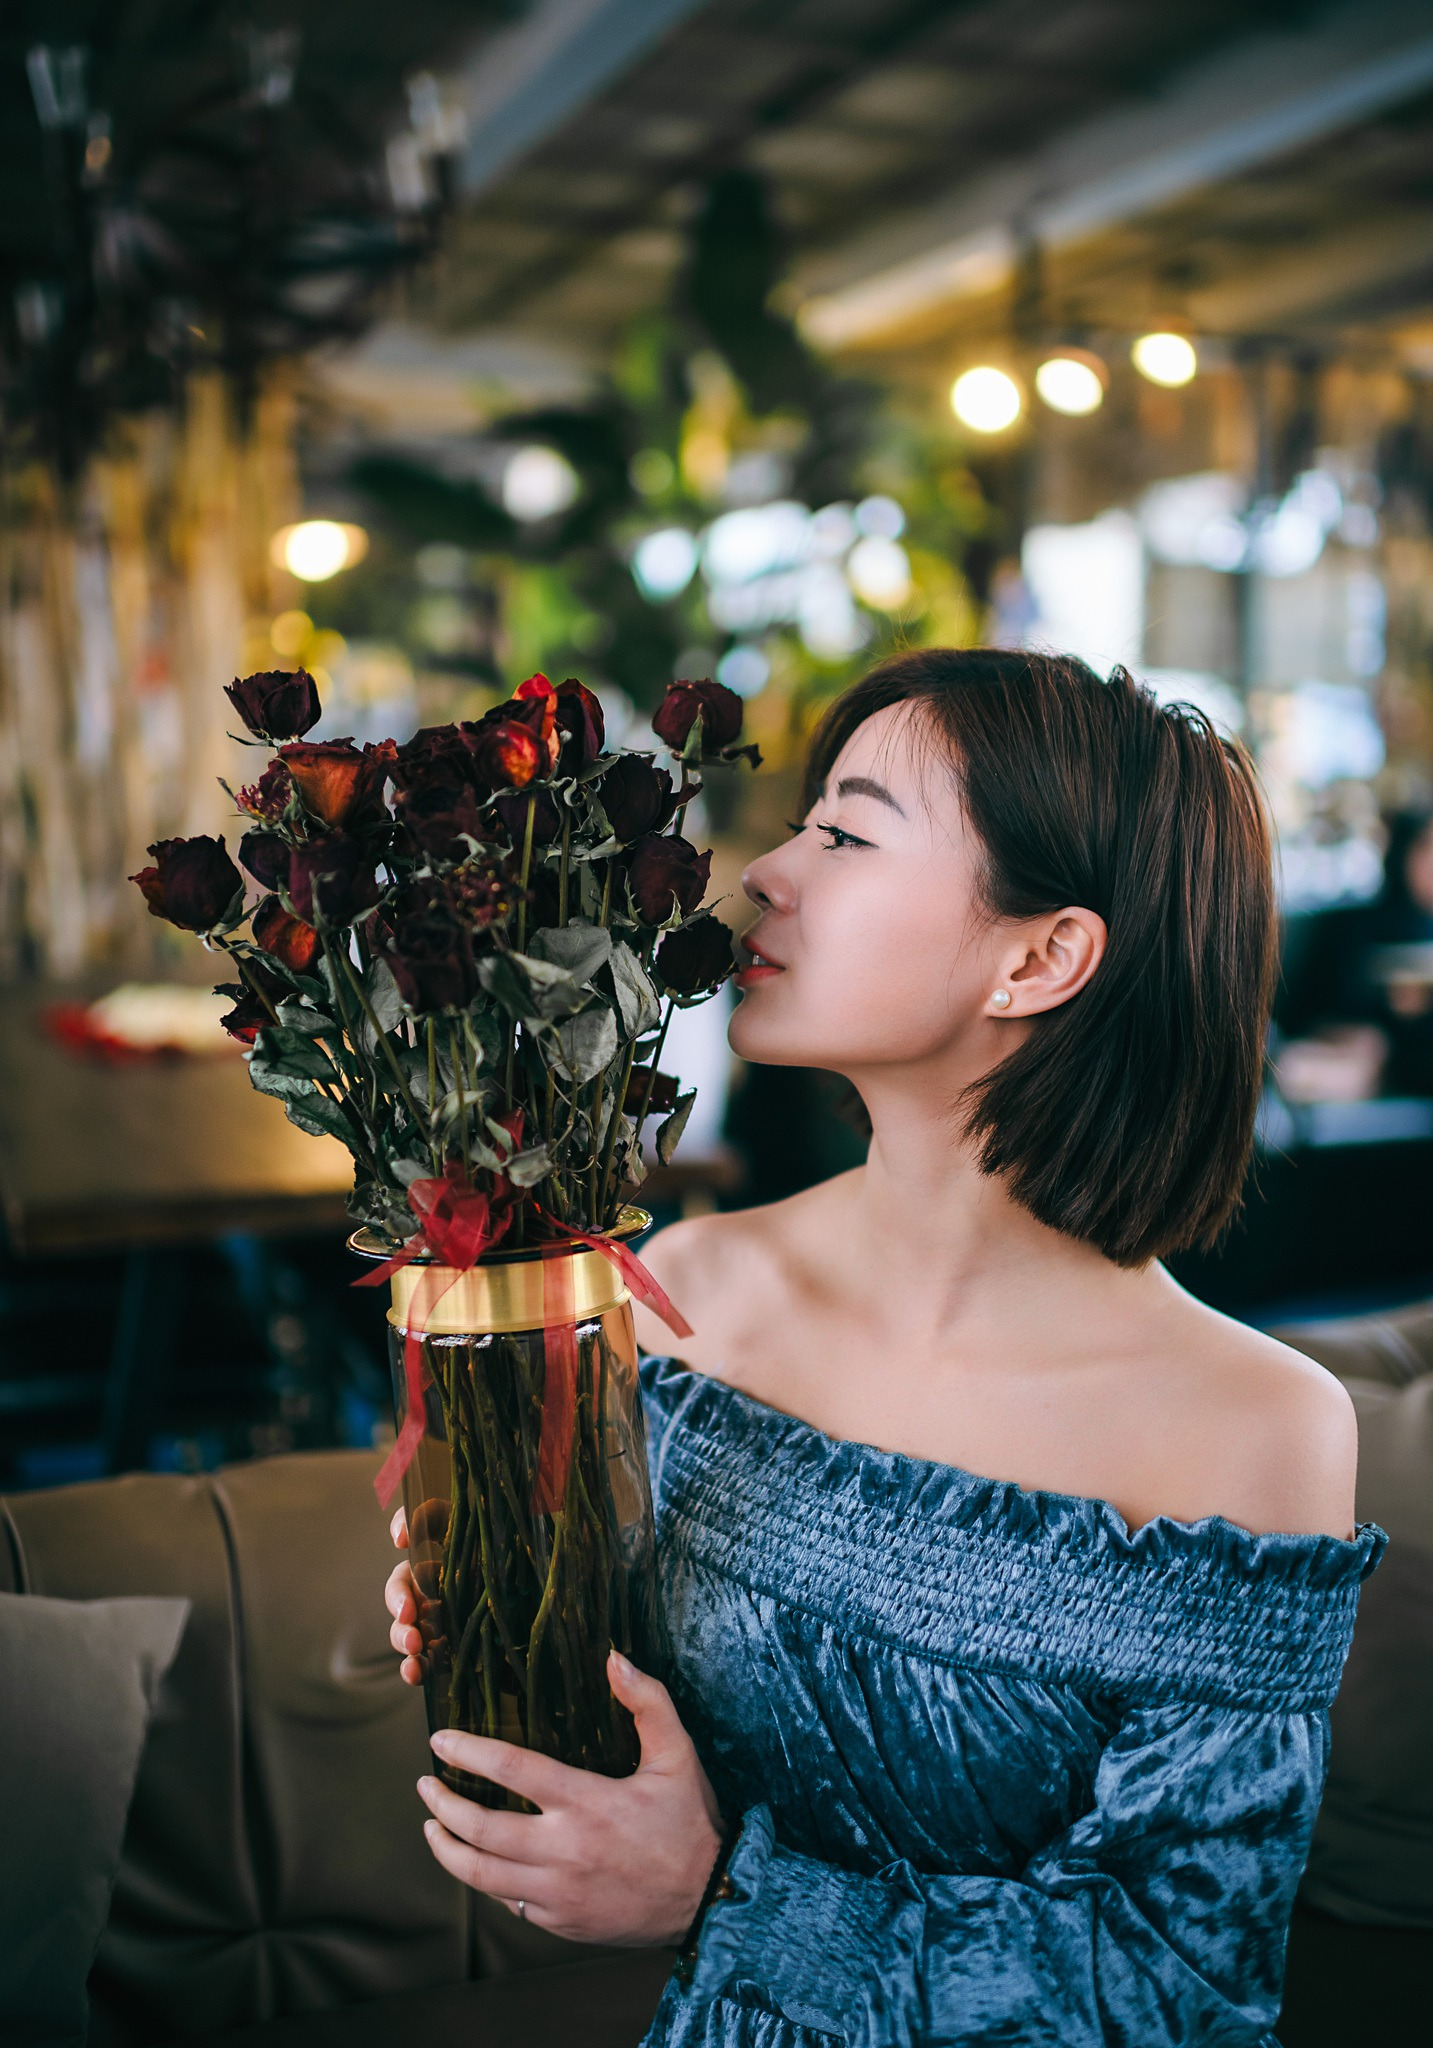 【人像摄影 欣赏】情人玫瑰 /水乡女子  -  水墨凝烟  -  花仙子的博客.